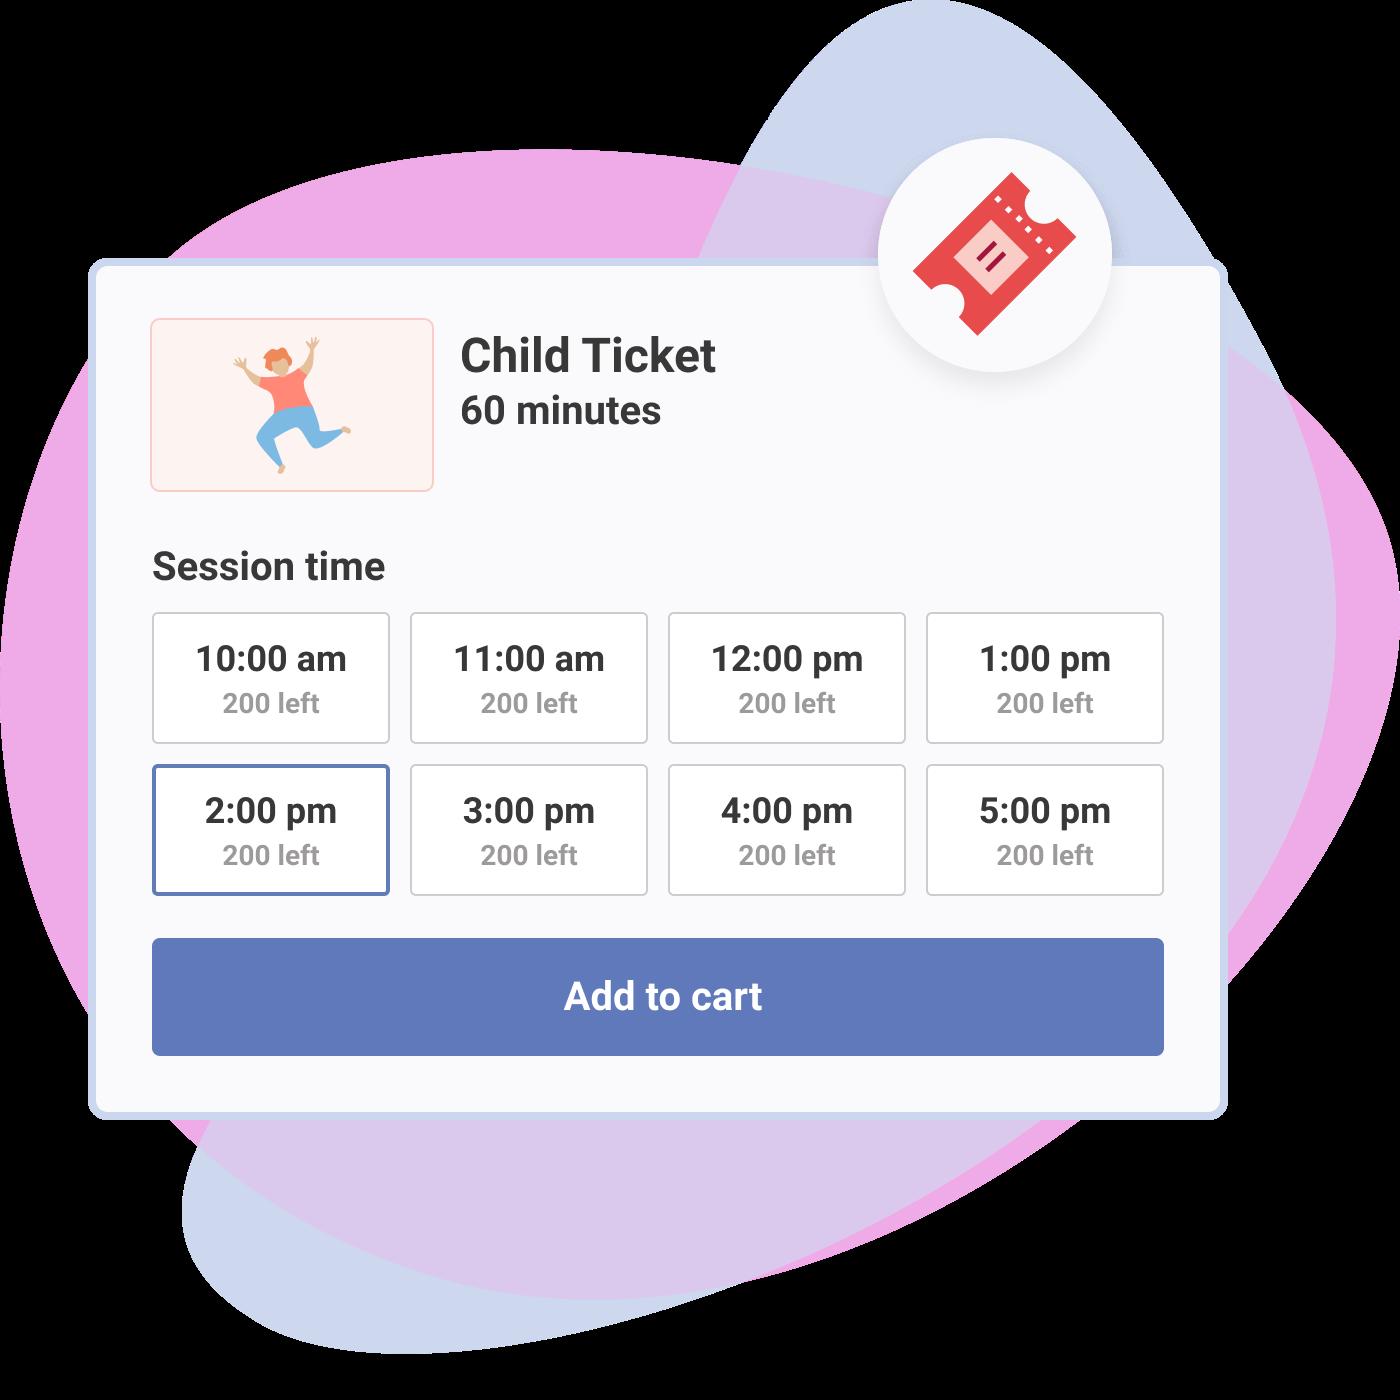 FEC Time based ticket